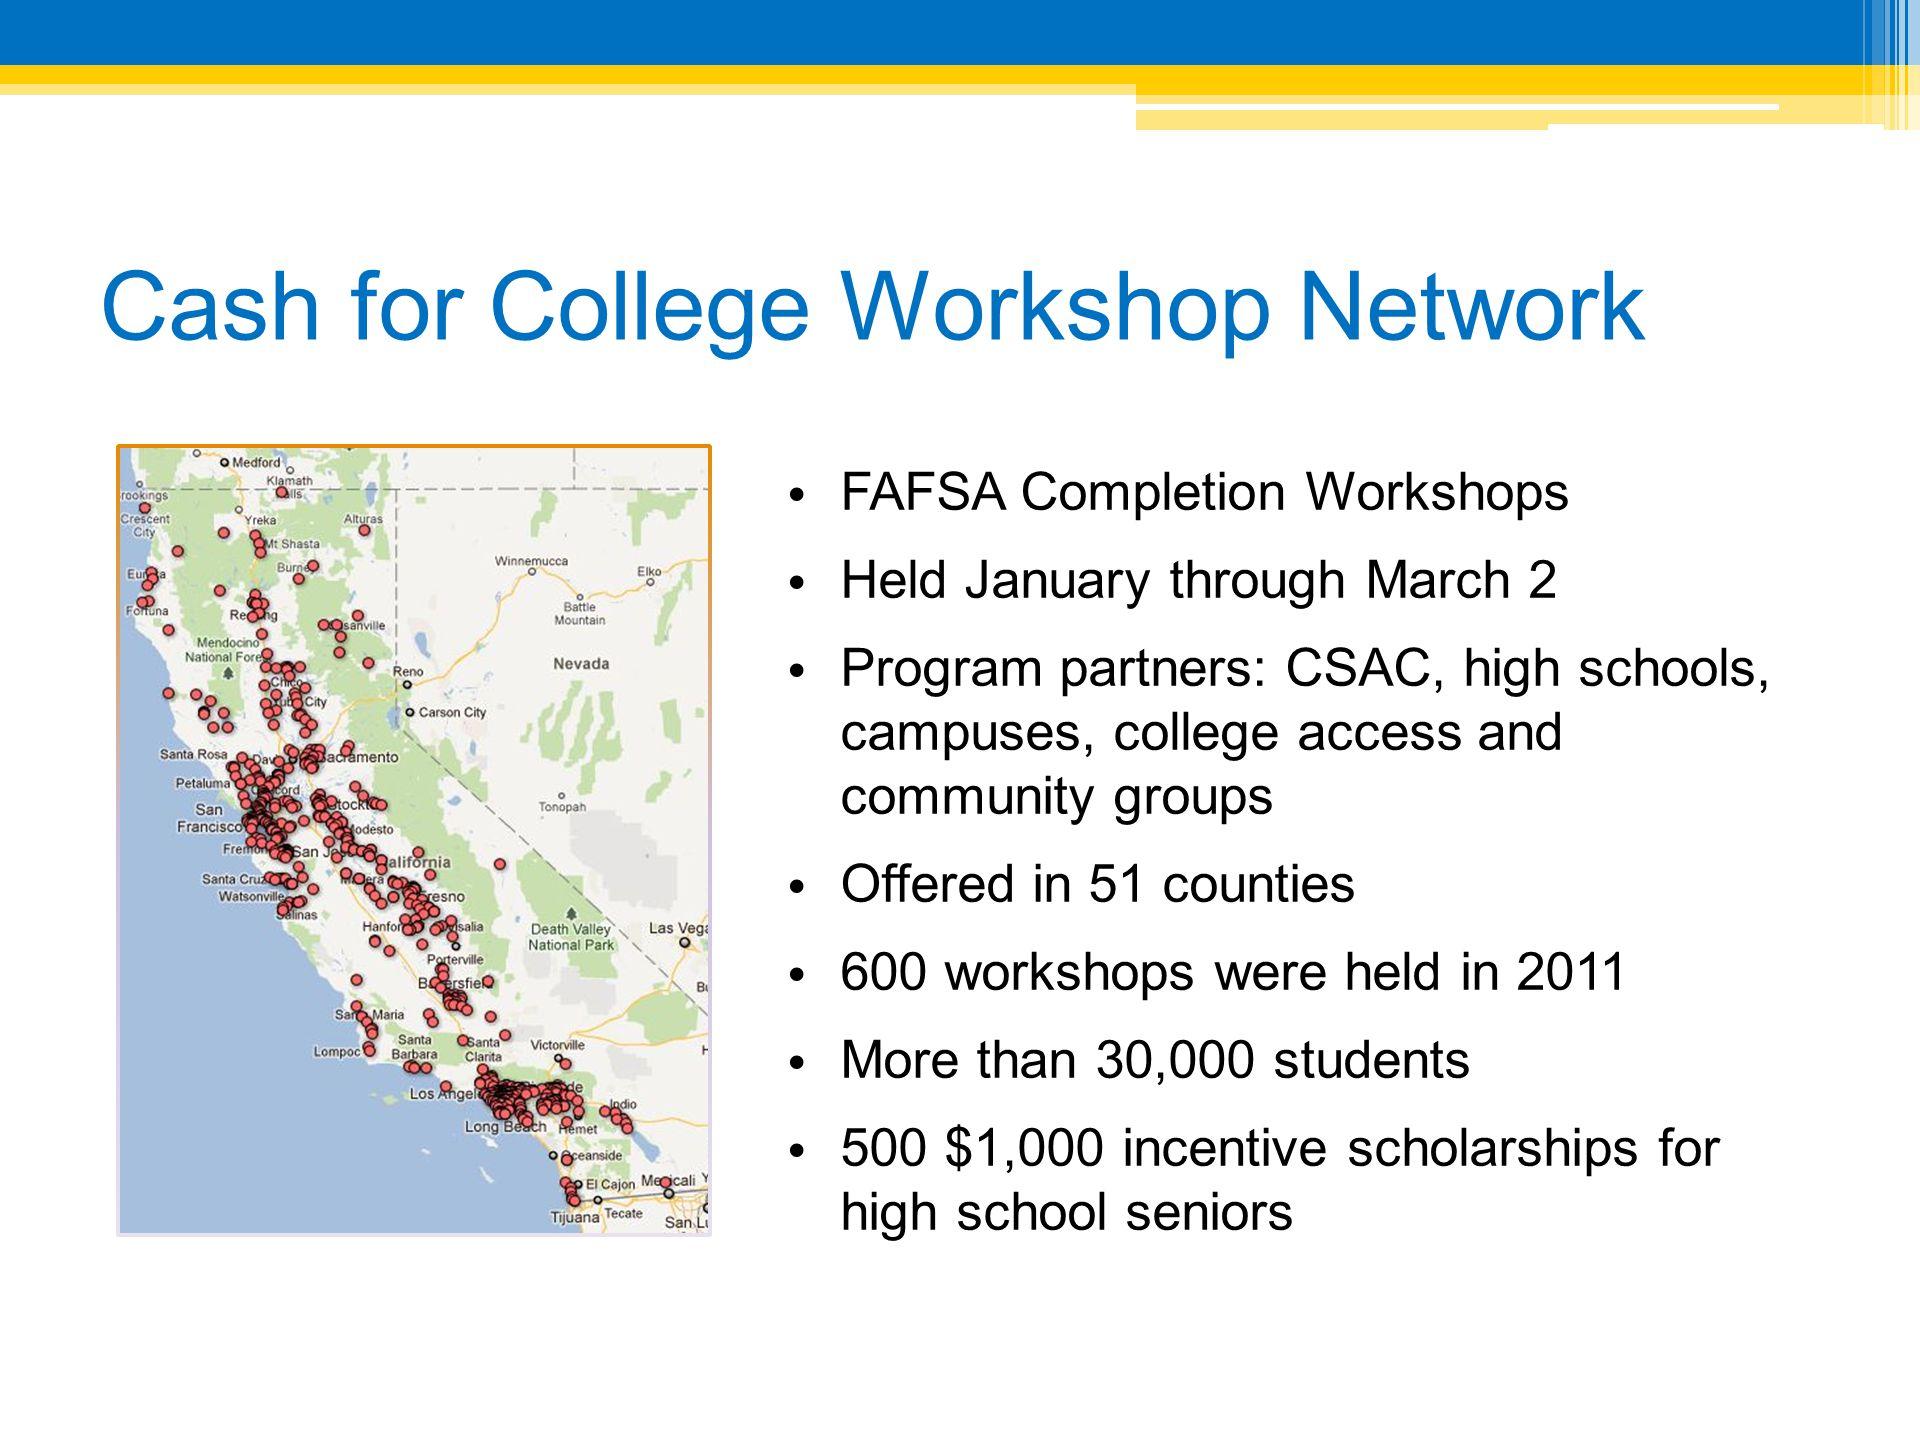 Cash for College Workshop Network